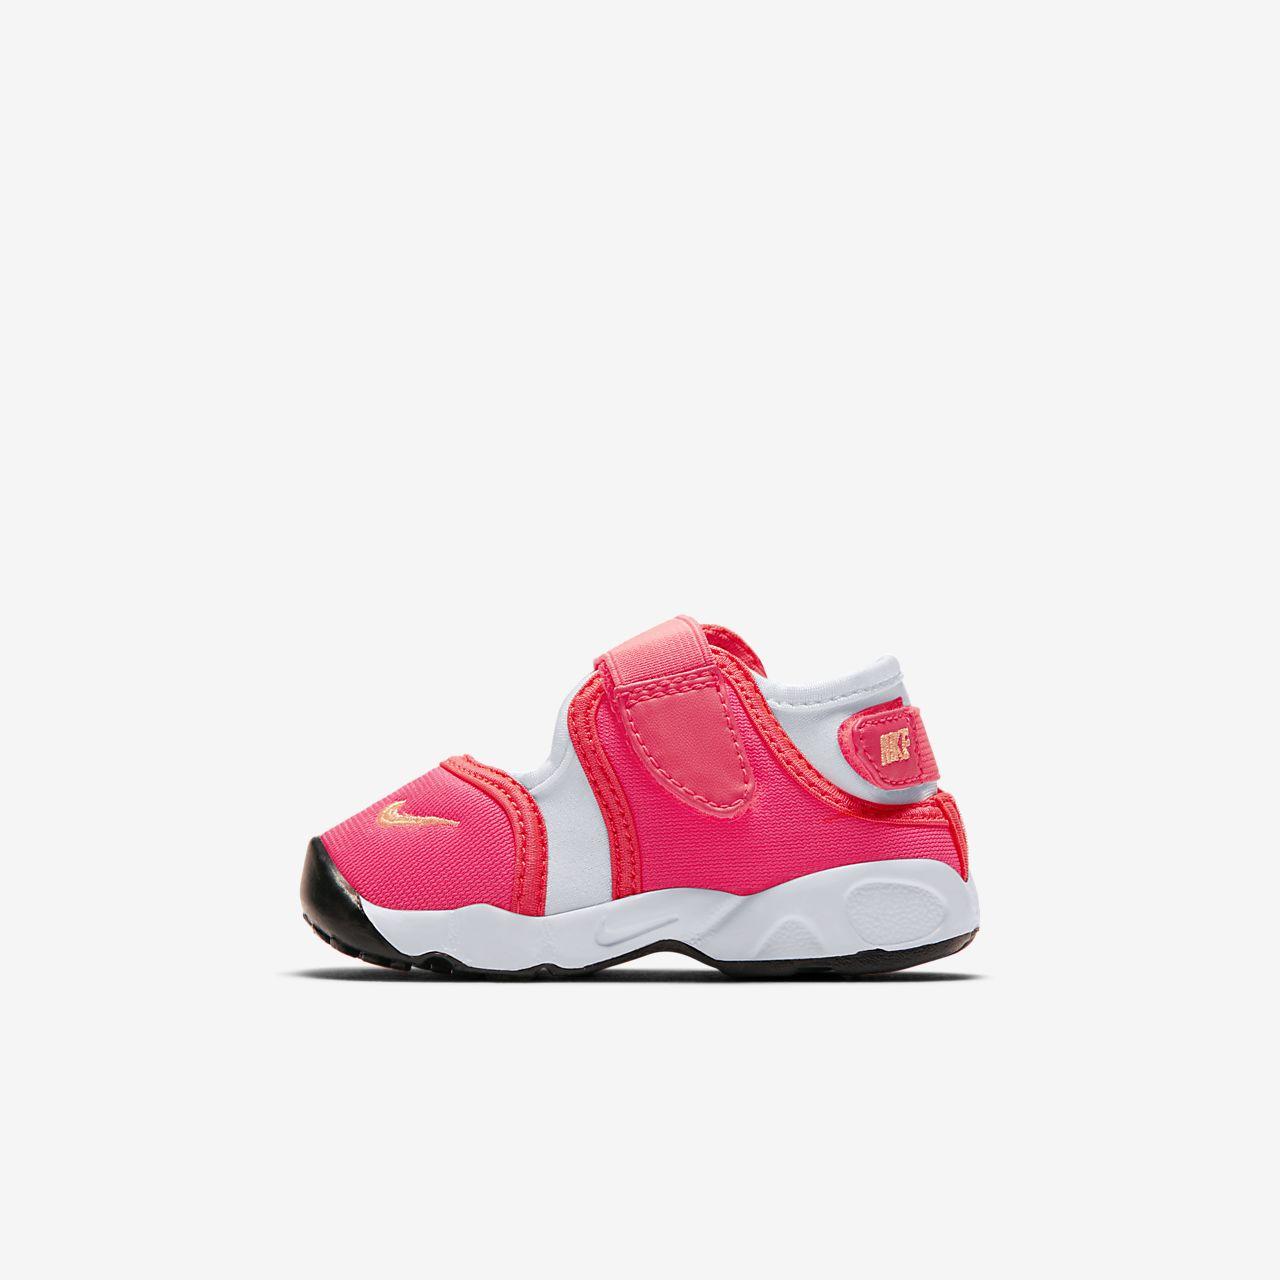 5378463756a Nike Little Rift Zapatillas - Bebé e infantil. Nike.com ES